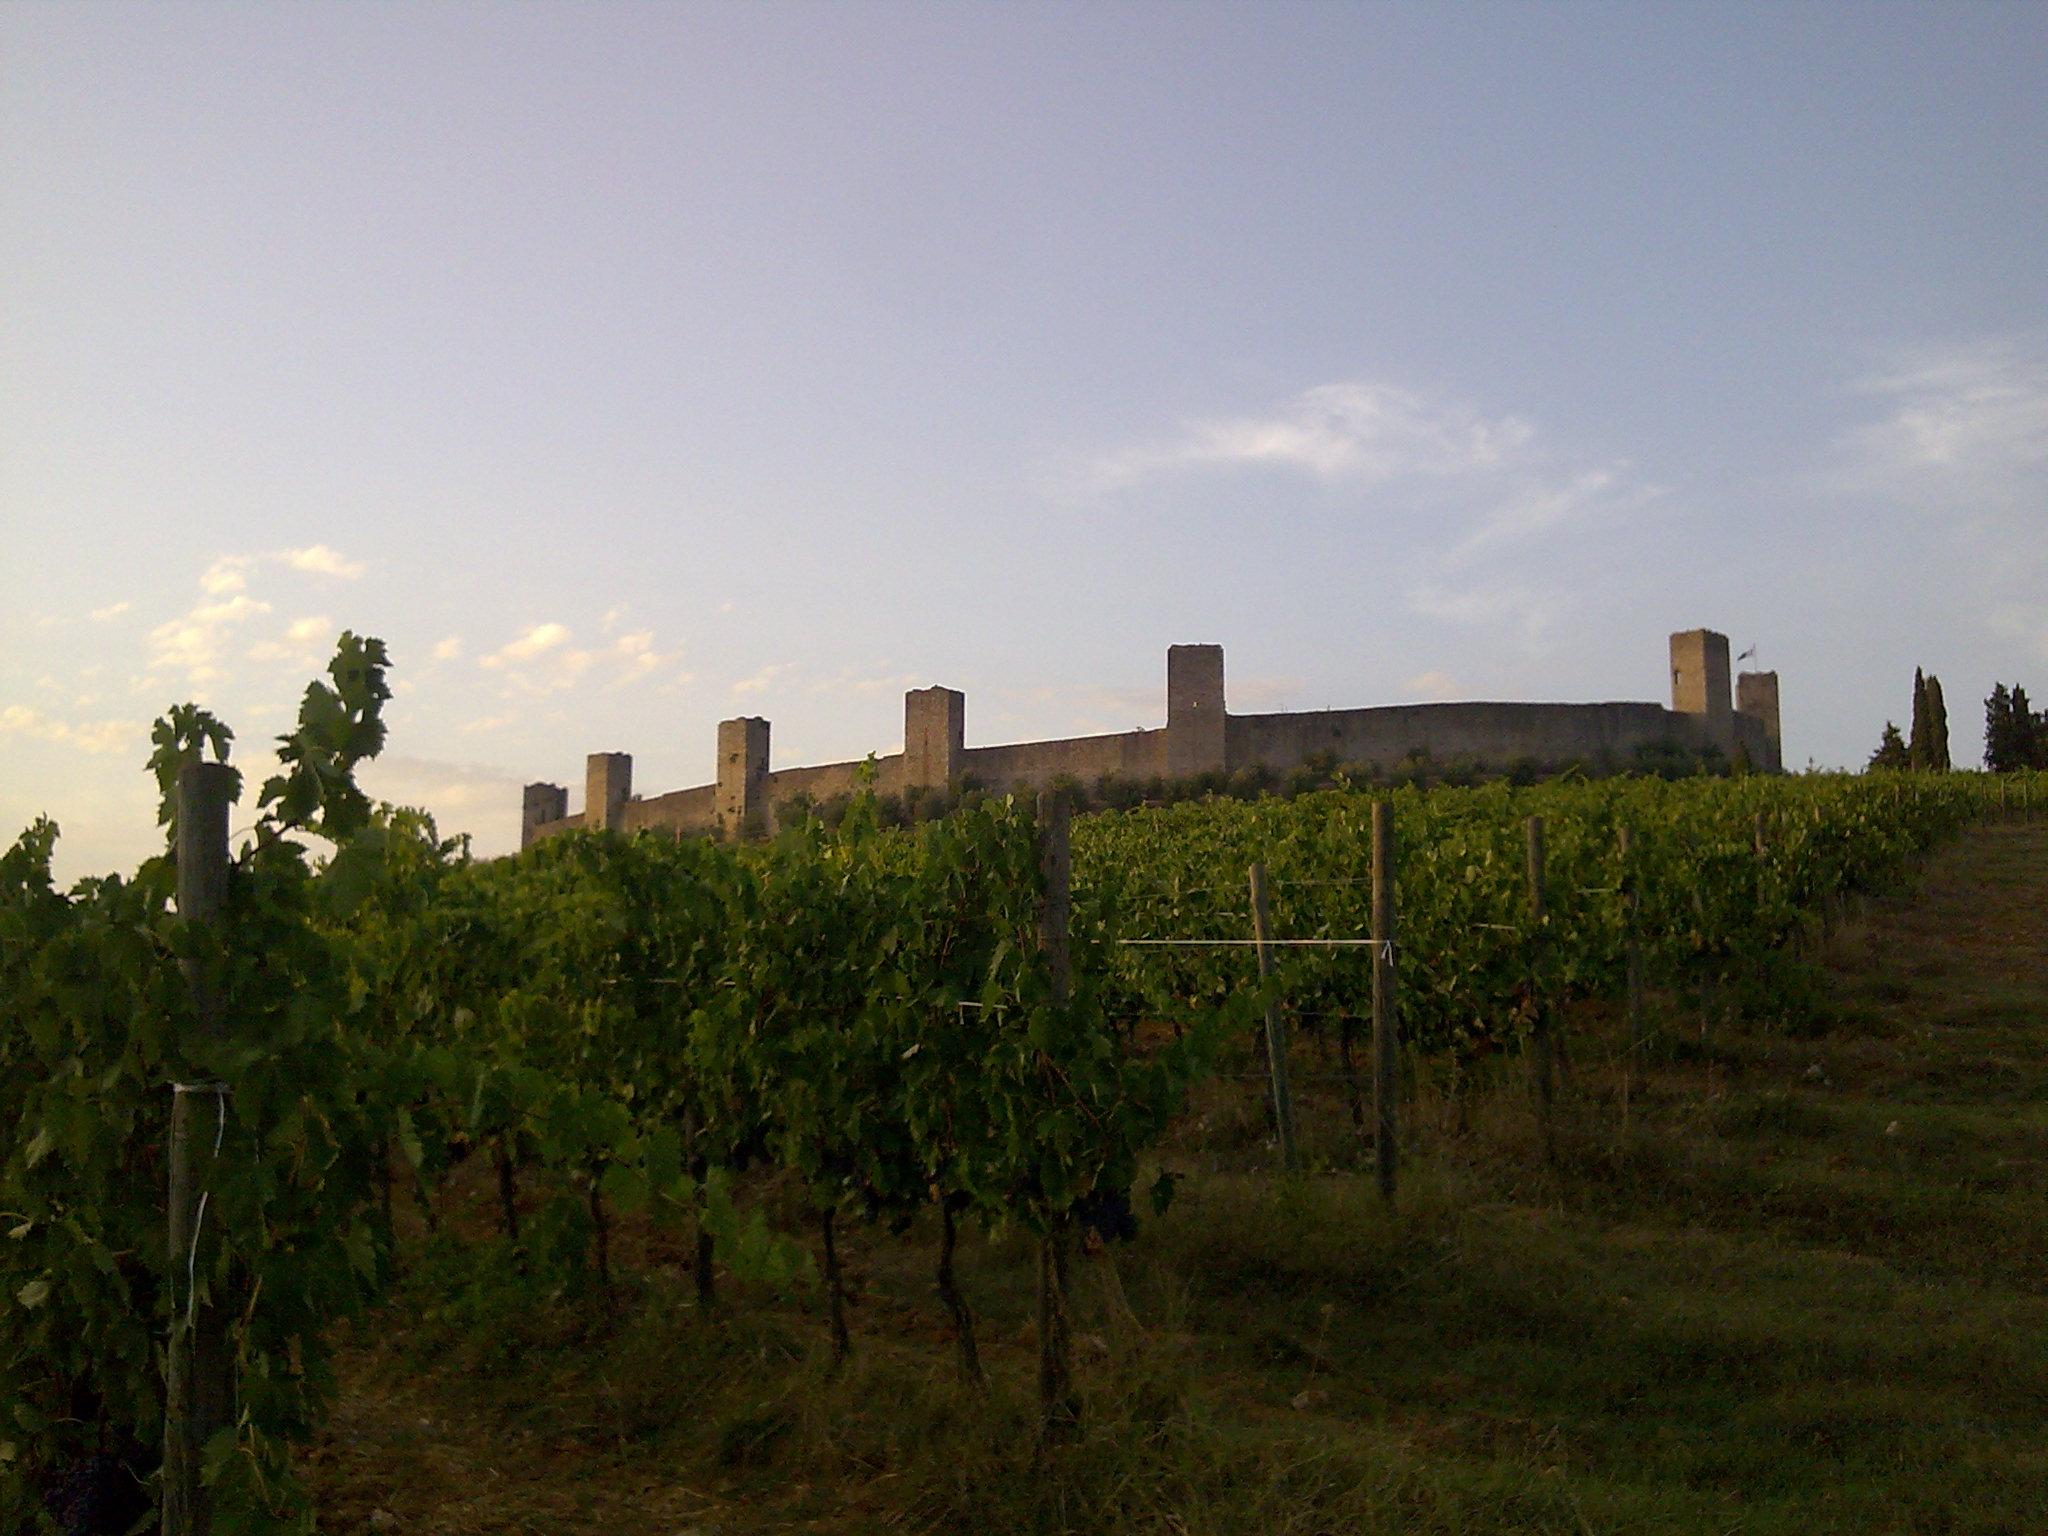 Cigolino